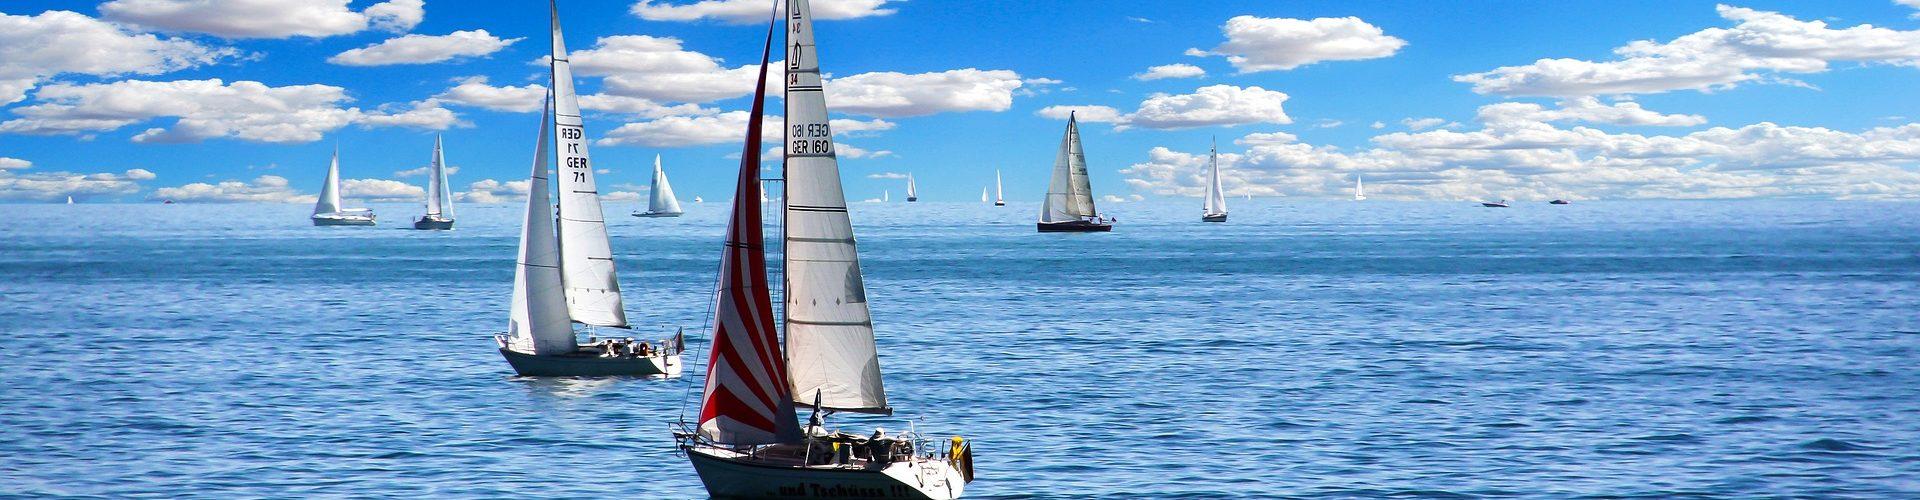 segeln lernen in Worpswede segelschein machen in Worpswede 1920x500 - Segeln lernen in Worpswede